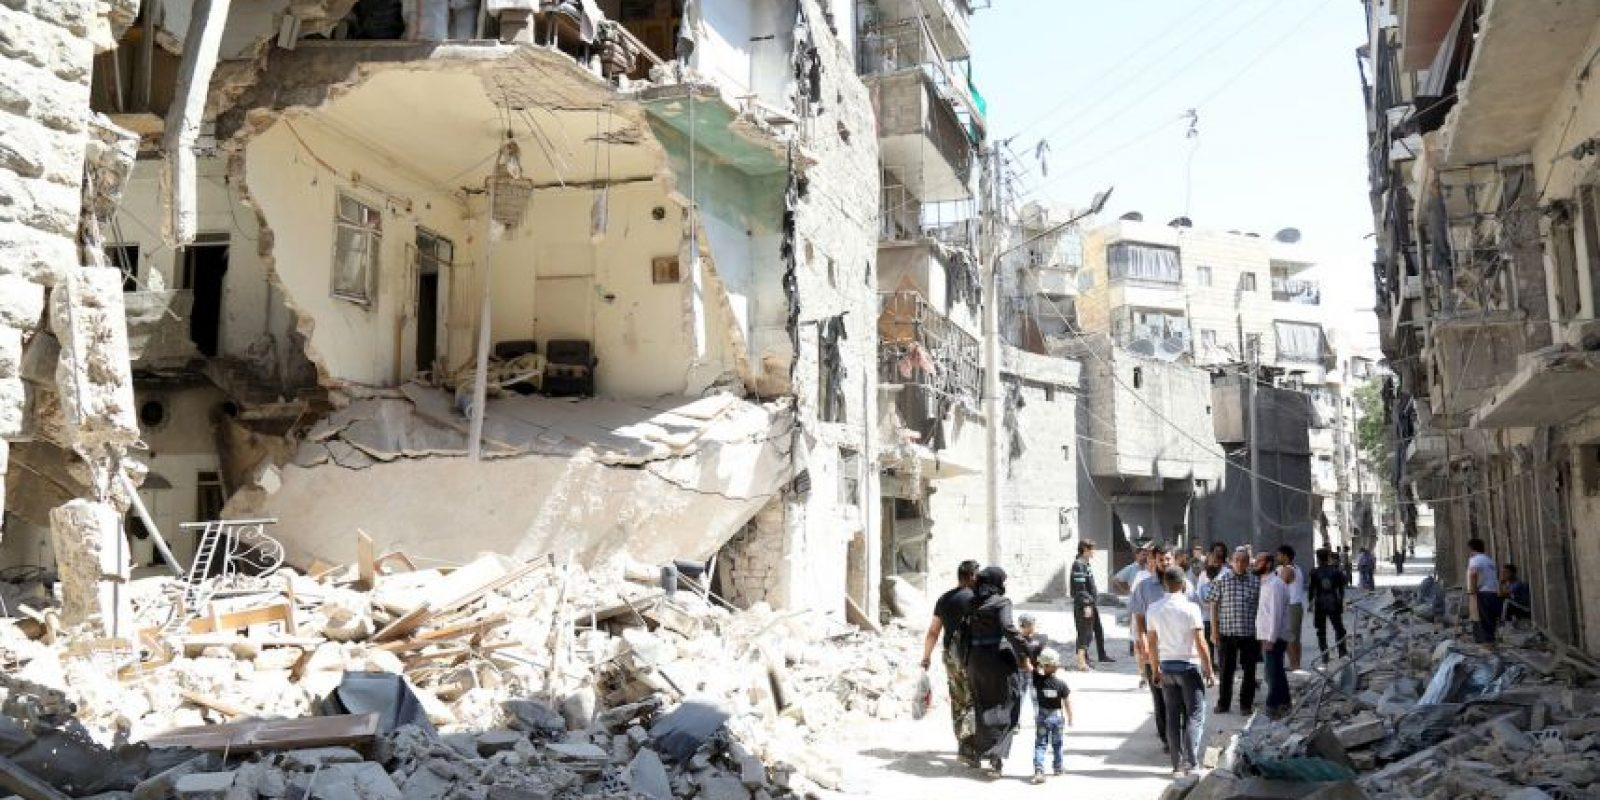 Ruinas producto del conflicto bélico en Siria. Foto:AFP